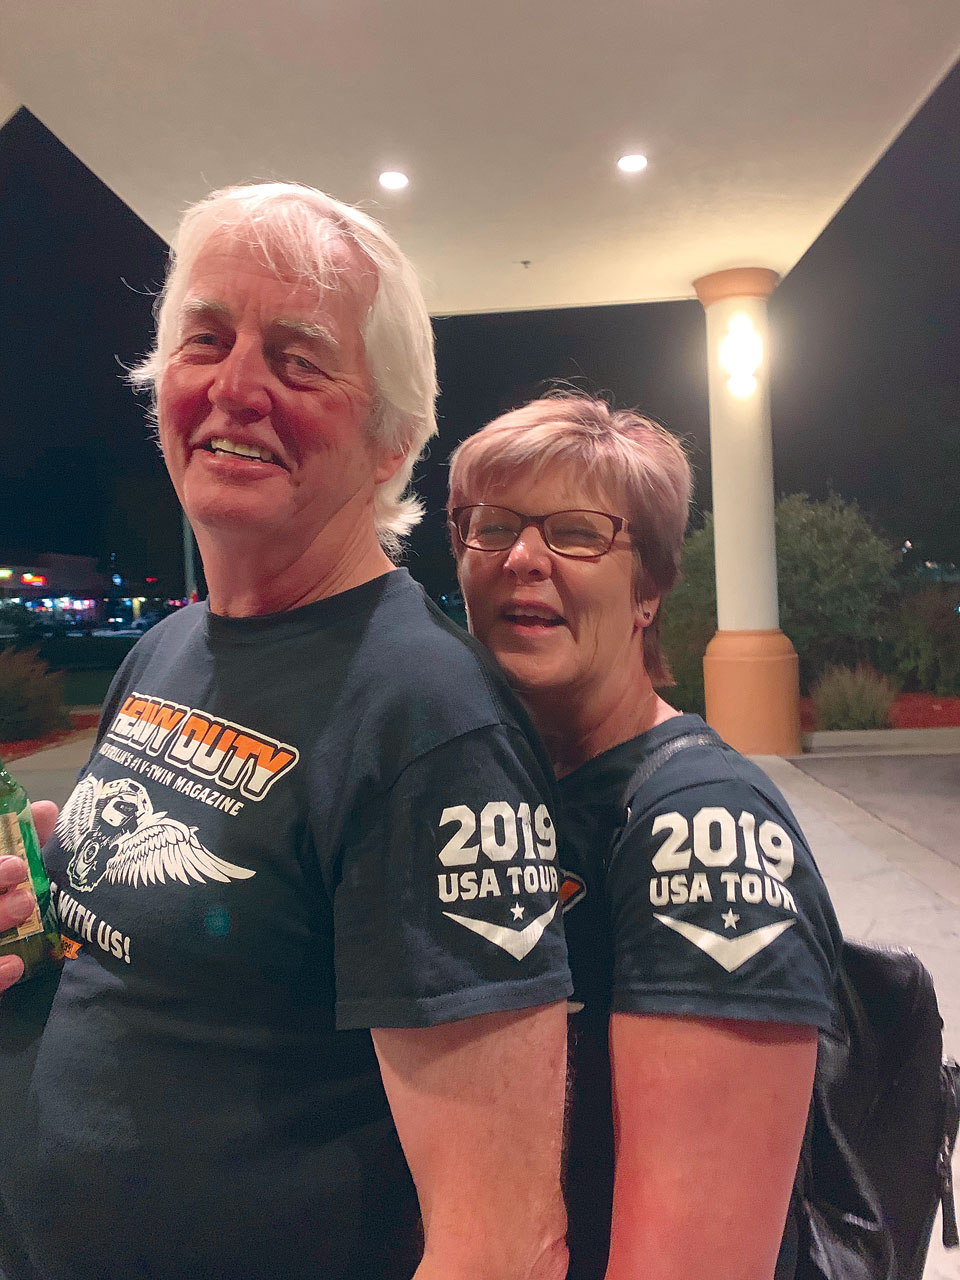 Darryl & Rhonda